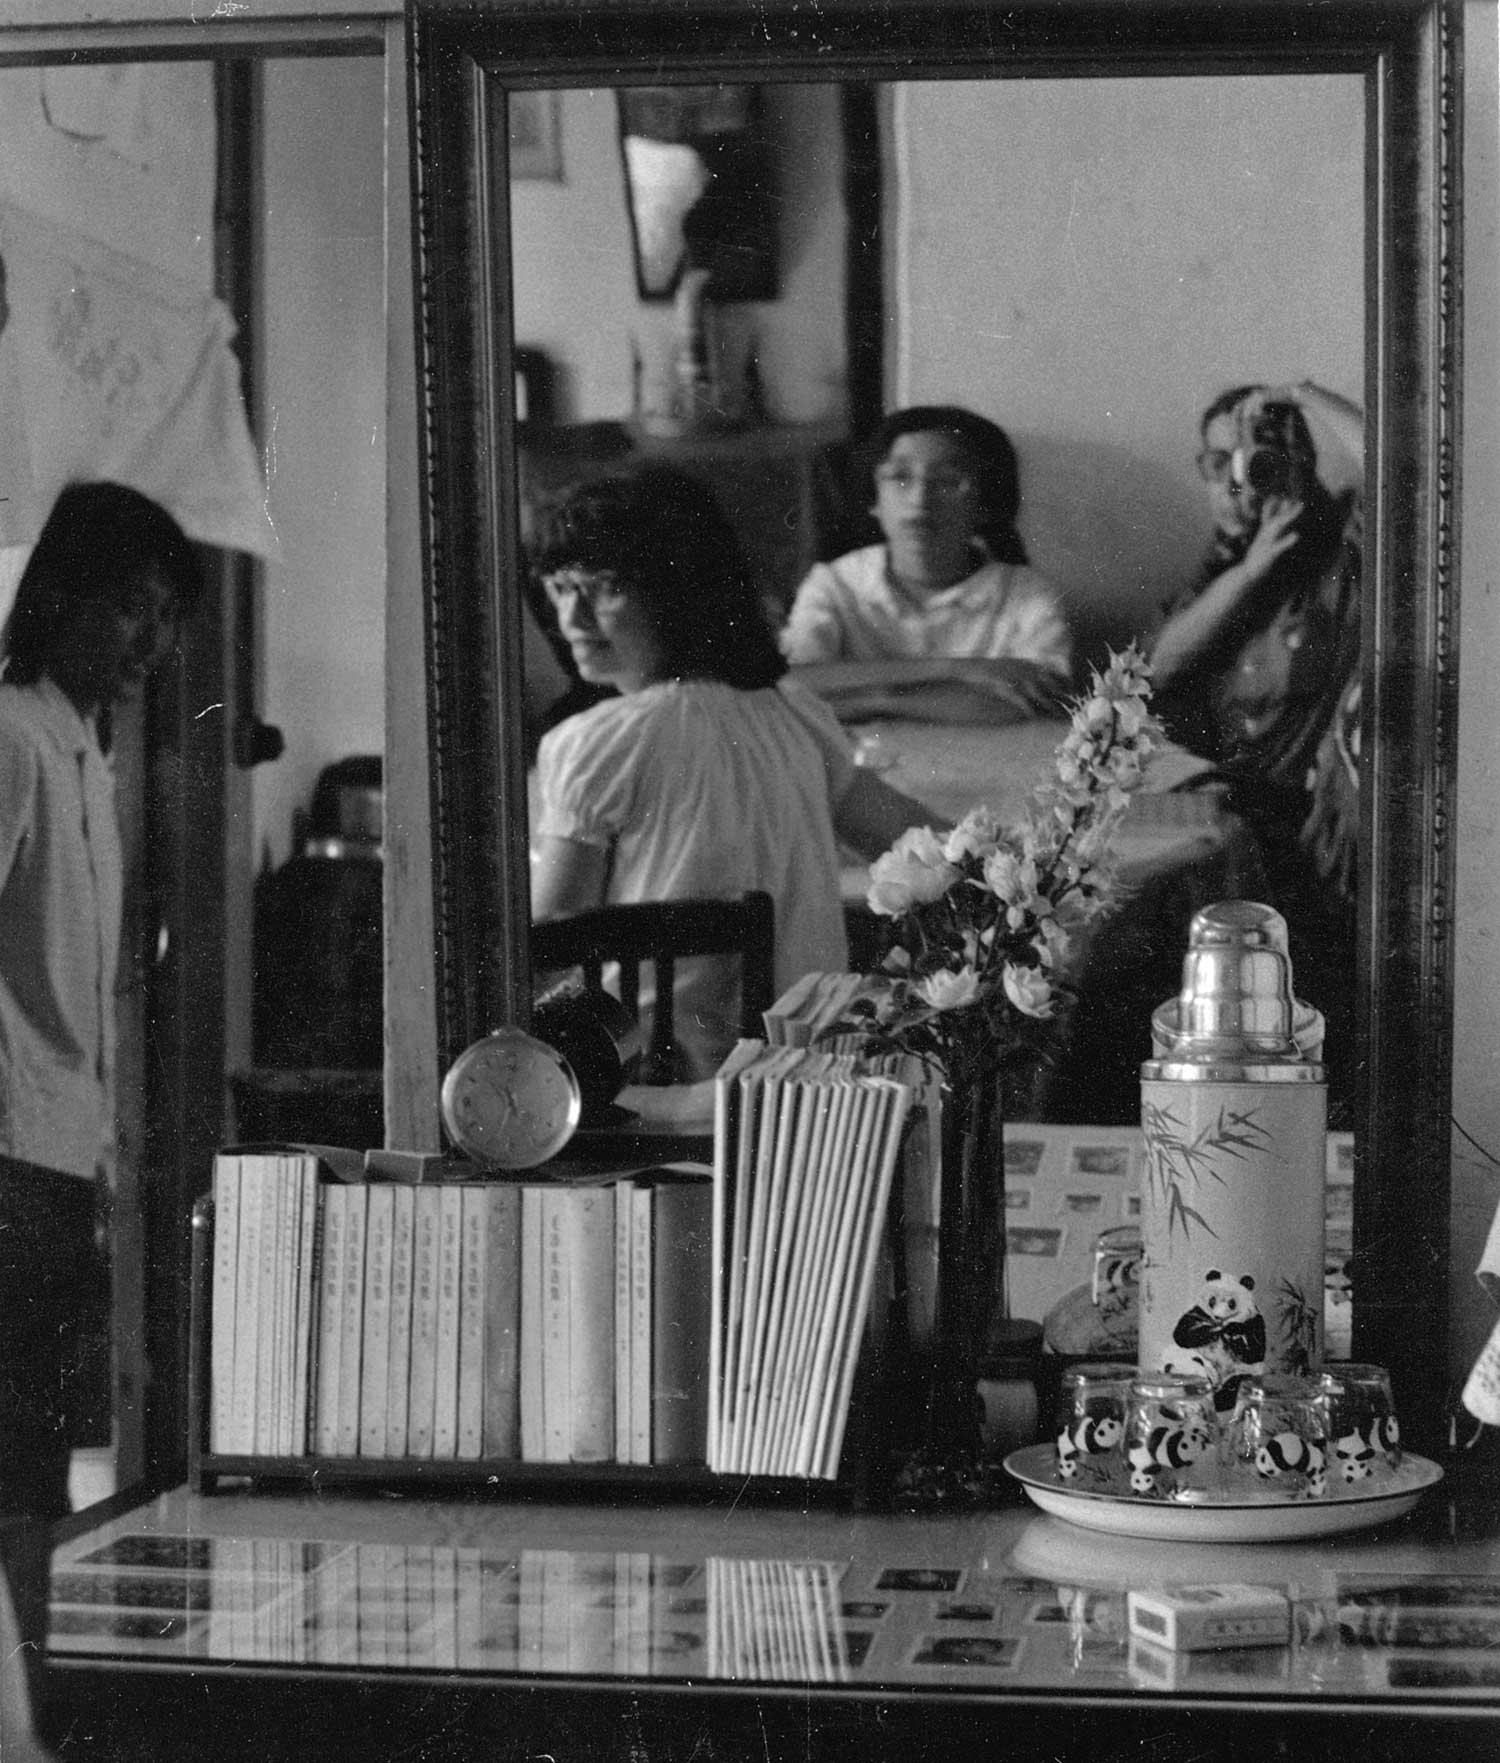 Elaine photographs a mirror